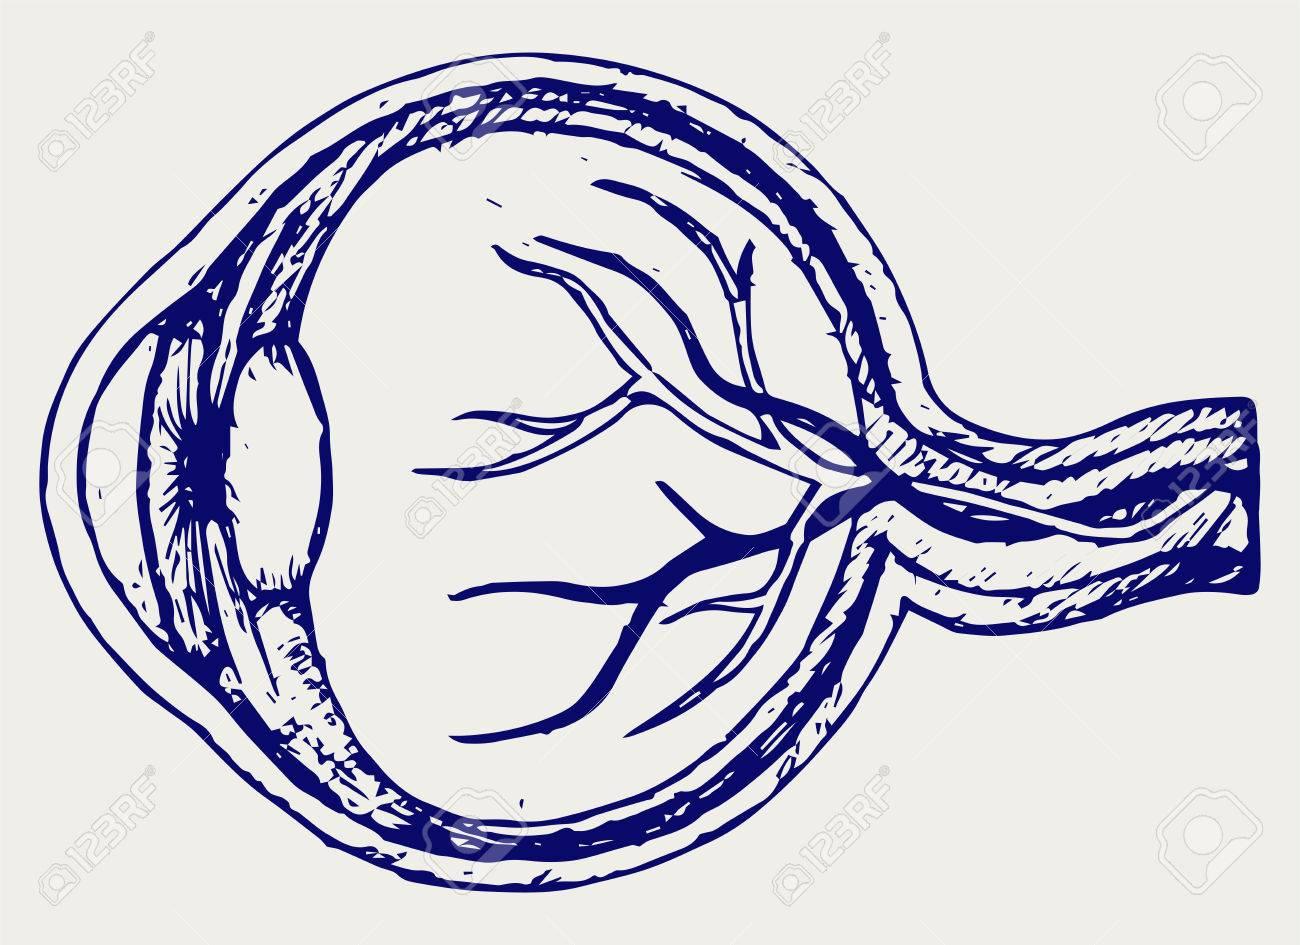 Anatomía Del Ojo Humano. Doodle Estilo Ilustraciones Vectoriales ...